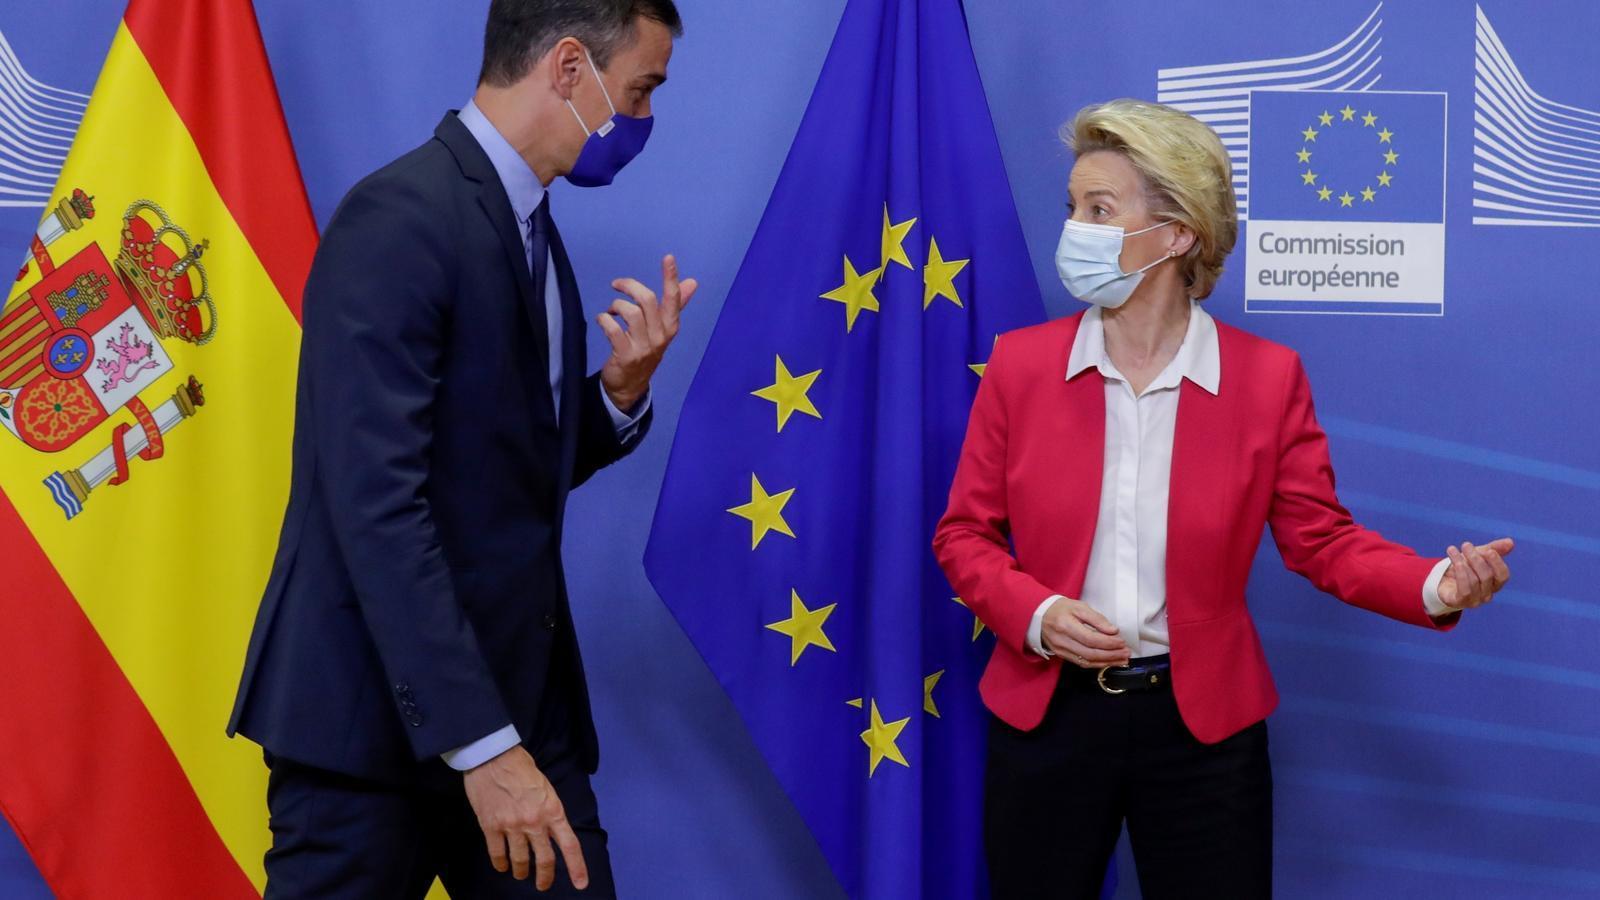 Espanya és el país que gasta més lentament els fons europeus